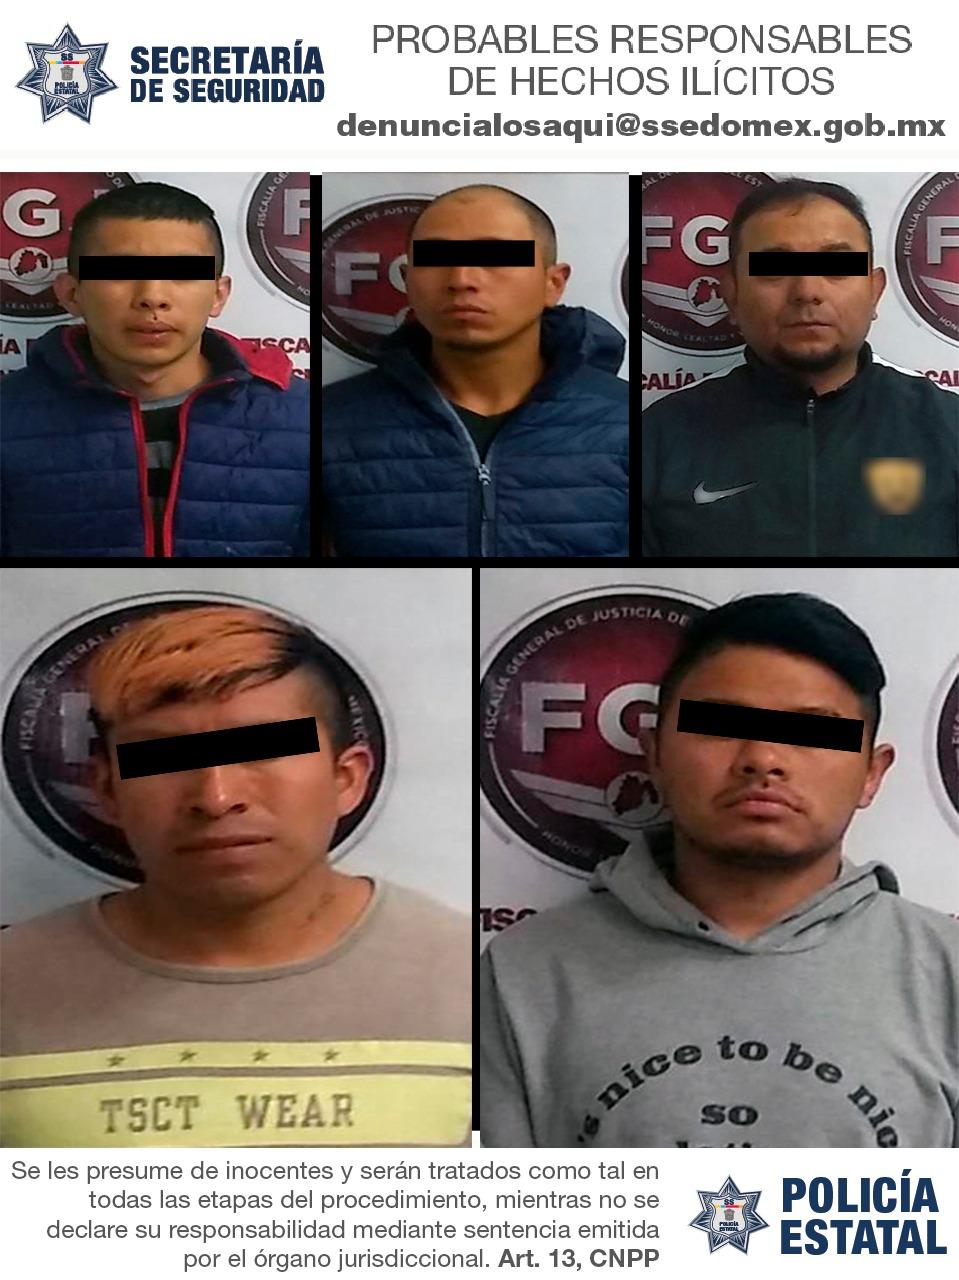 Secretaría de Seguridad detiene a cinco sujetos probables responsables de robo con violencia